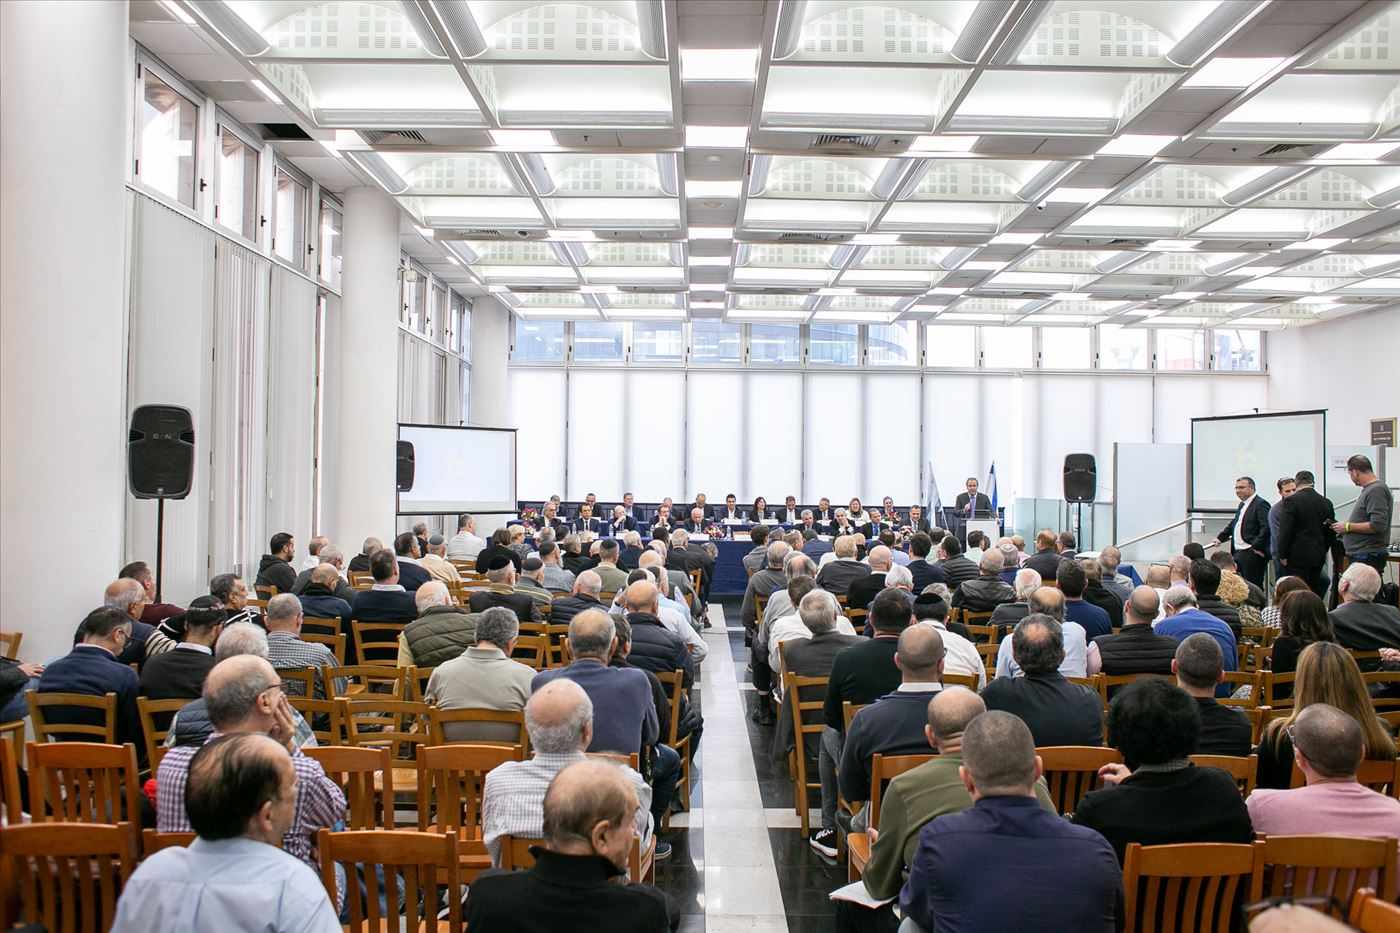 גלרייה - האסיפה הכללית ה-70 תמונה 226 מתוך 239